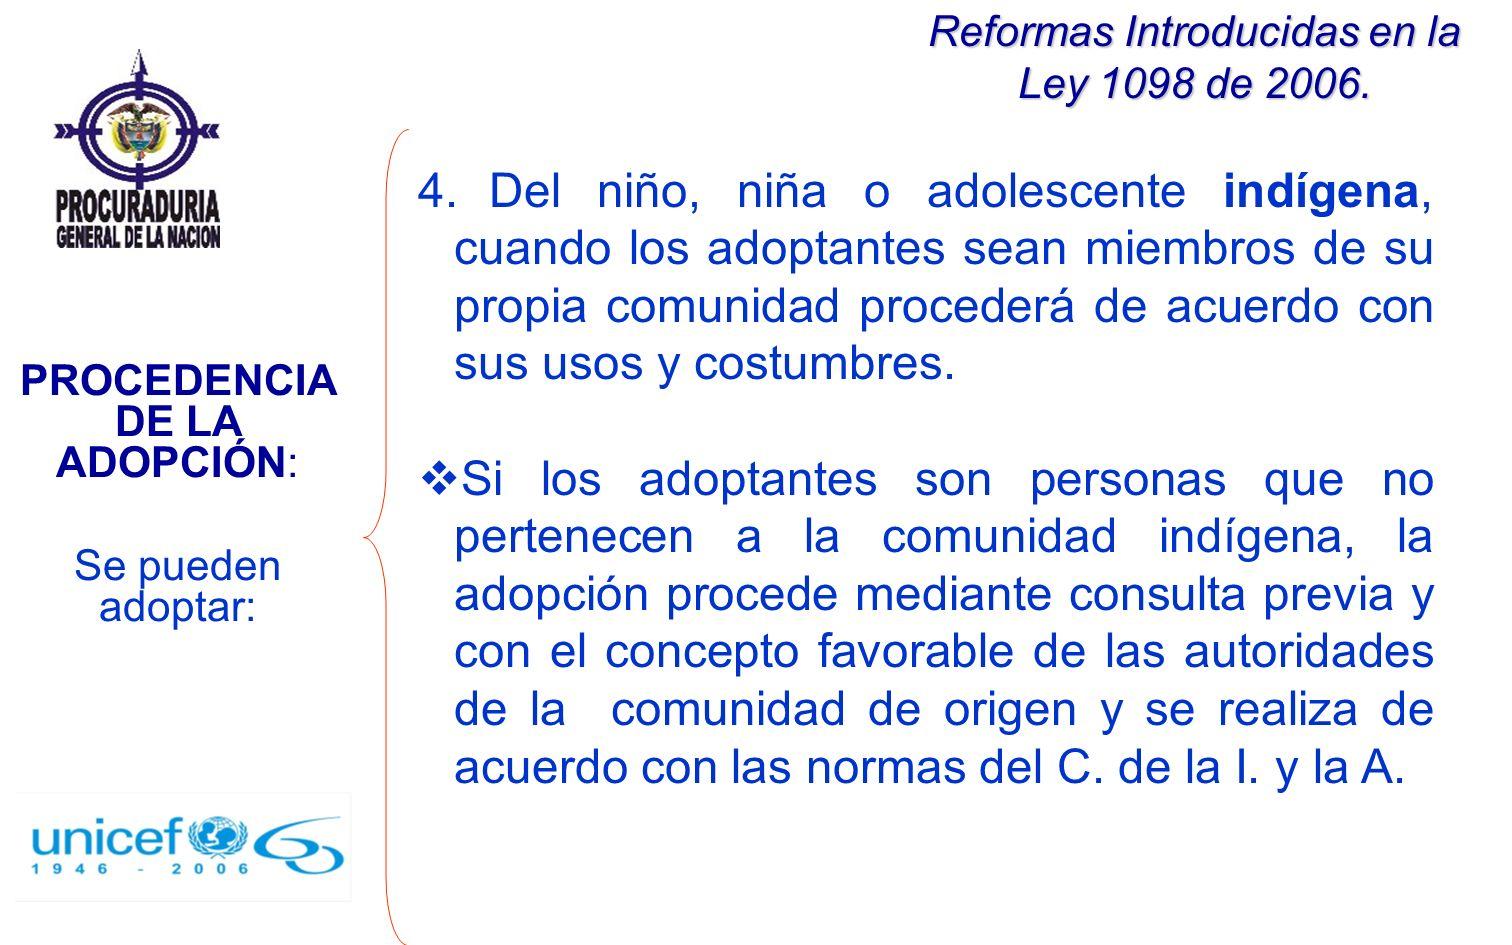 Reformas Introducidas en la Ley 1098 de 2006. 4. Del niño, niña o adolescente indígena, cuando los adoptantes sean miembros de su propia comunidad pro